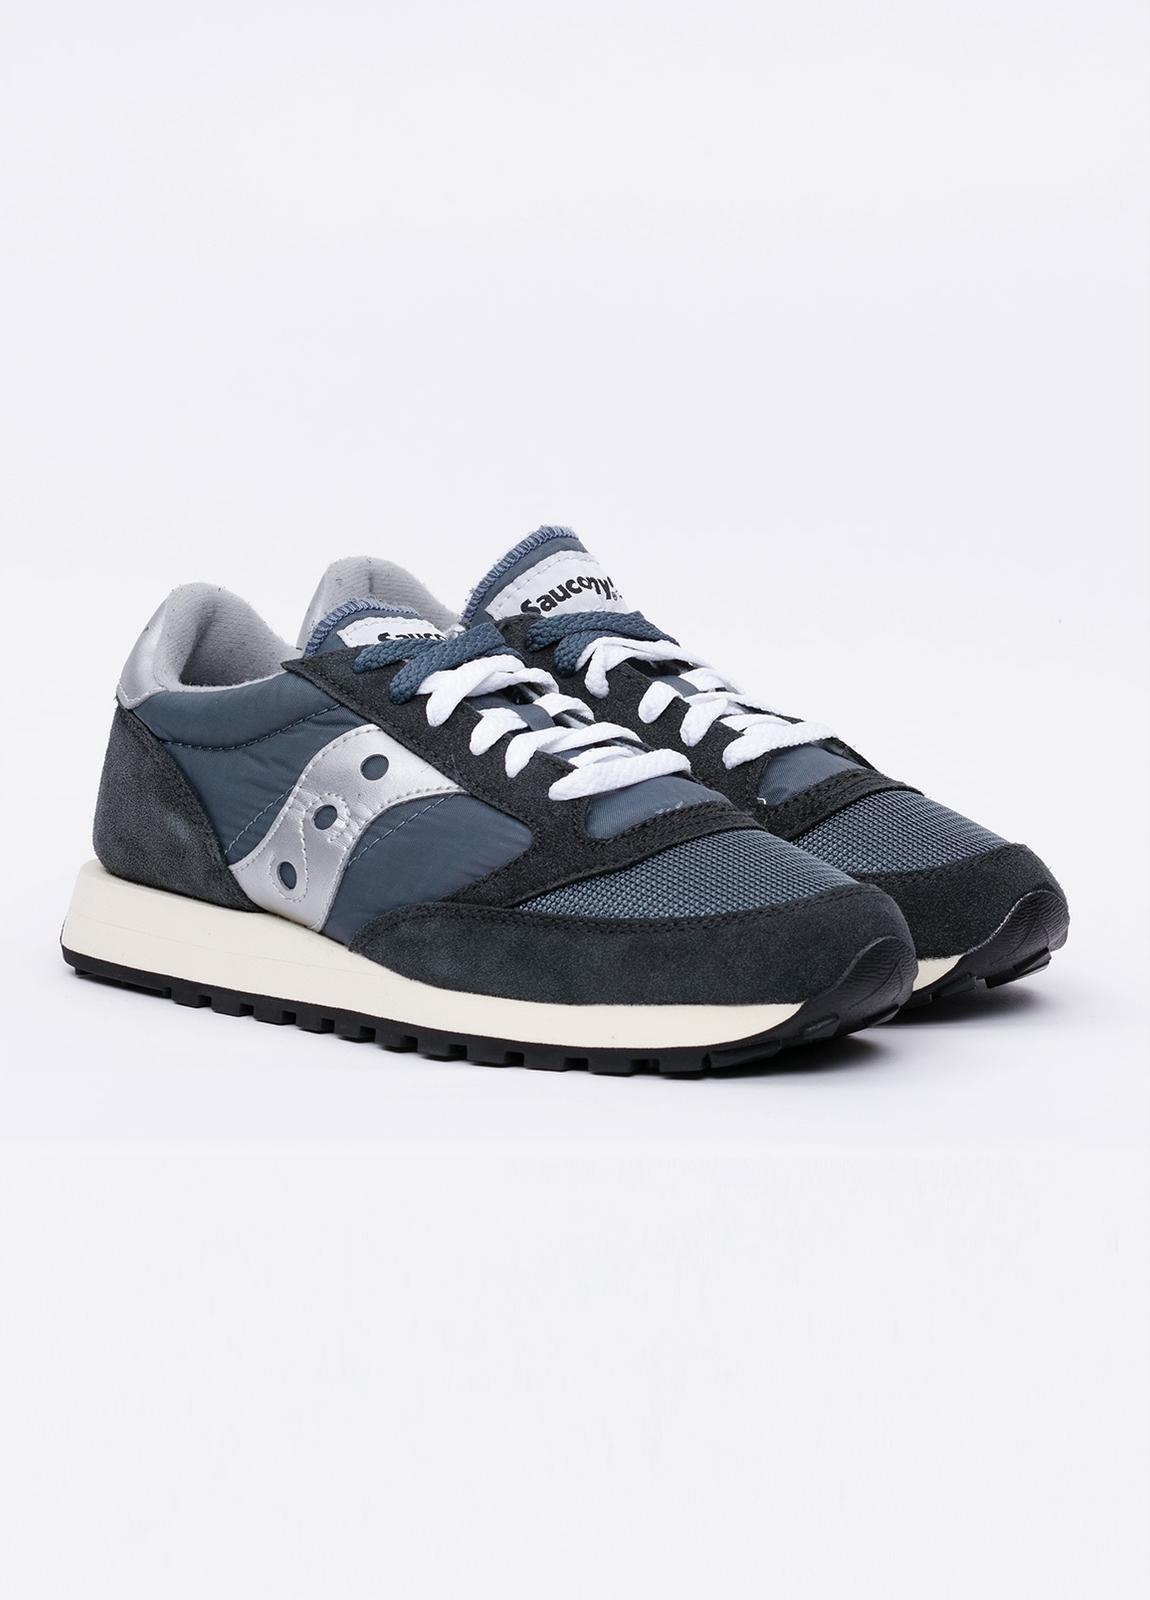 Calzado sport JAZZ OR VINT color azul con detalles blancos, combinación de serraje y tejido técnico. - Ítem1